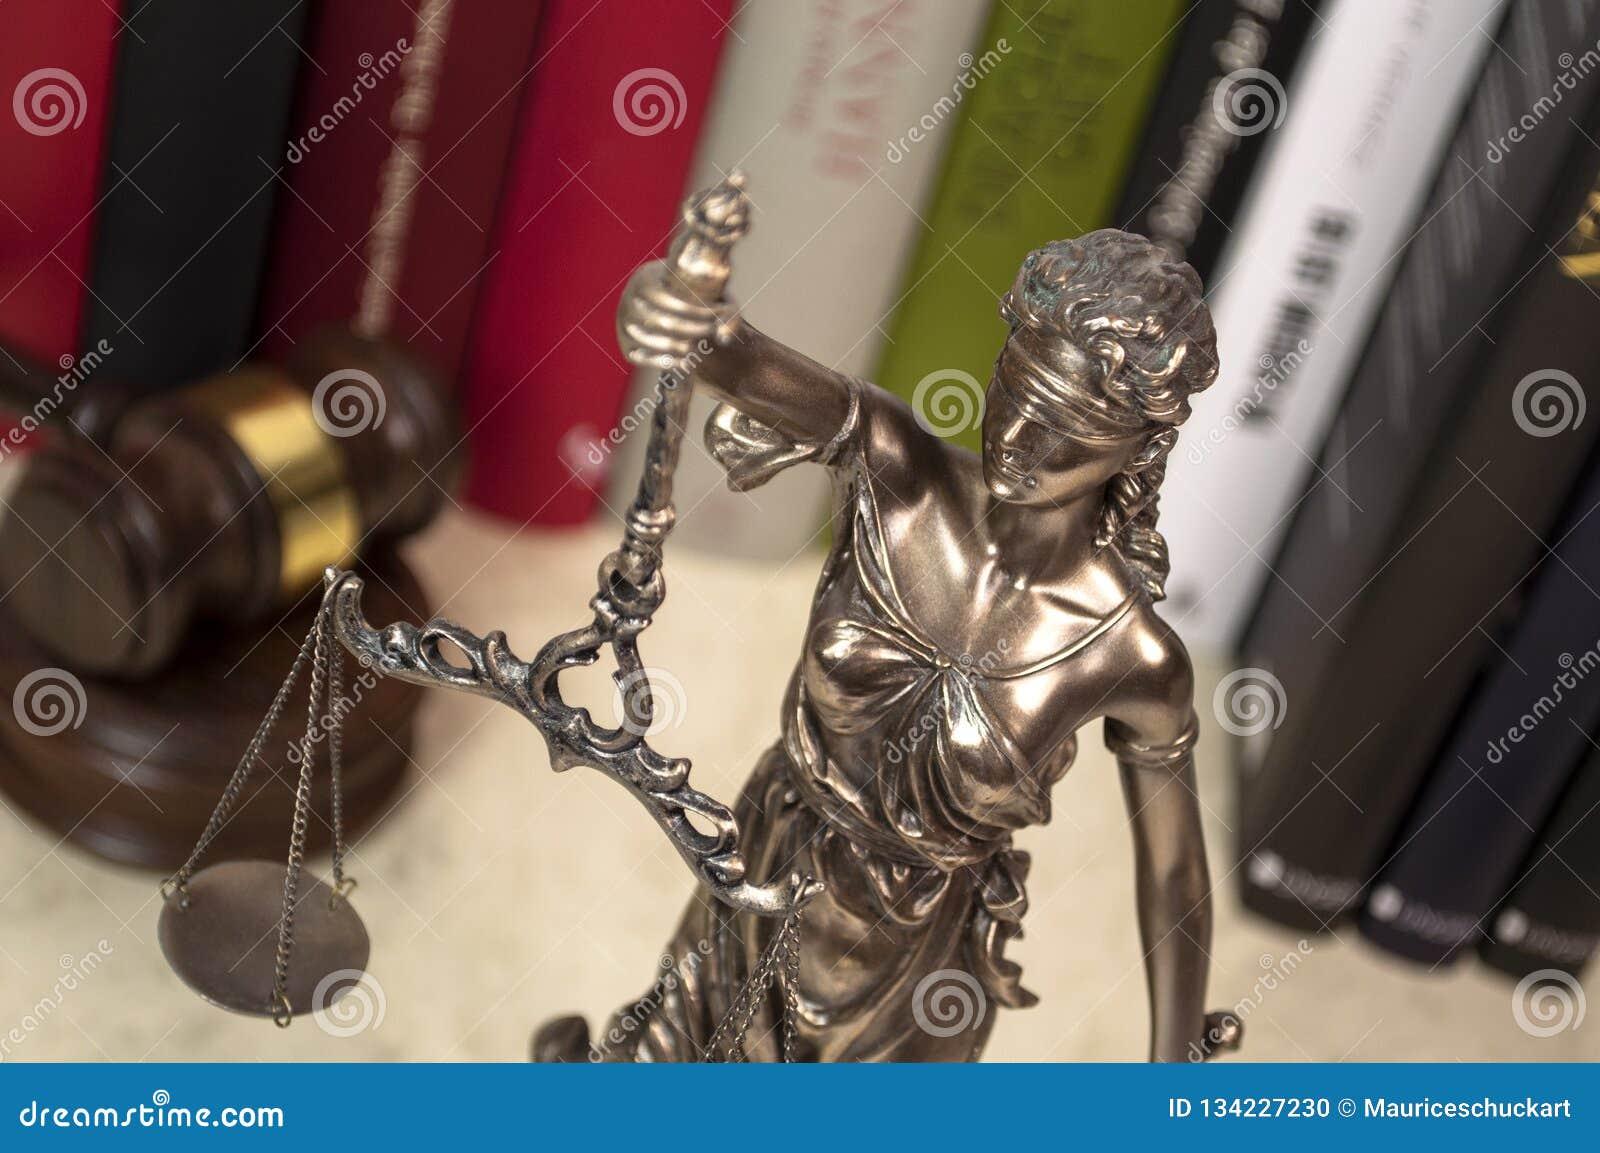 Estátua de justiça em uma mesa